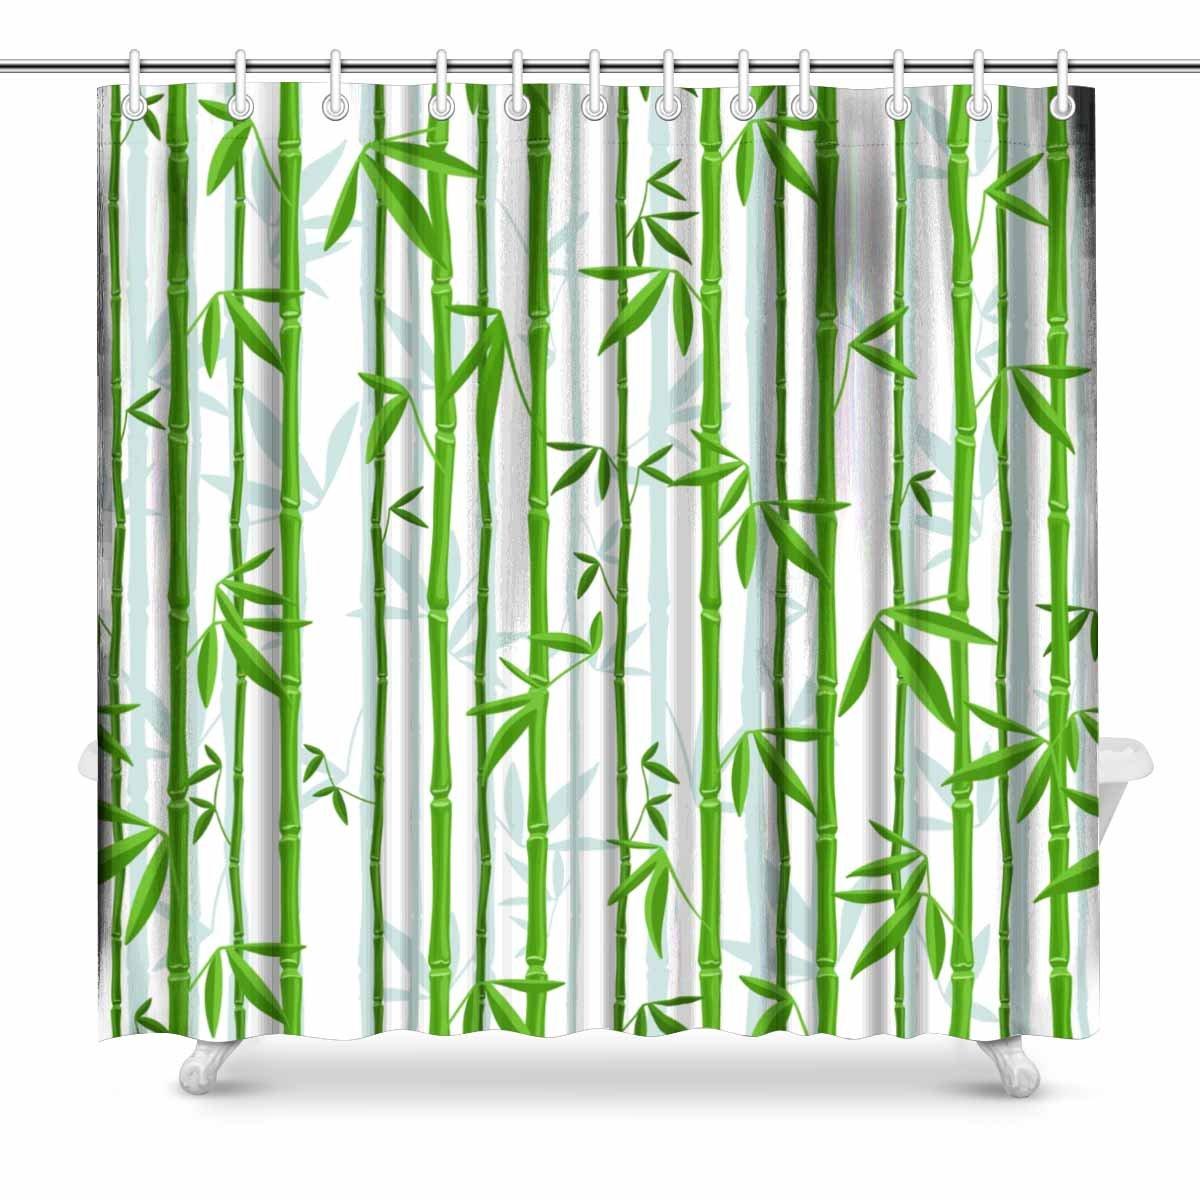 mkhert bamboo shower curtain home decor bathroom shower curtain 66x72 inch